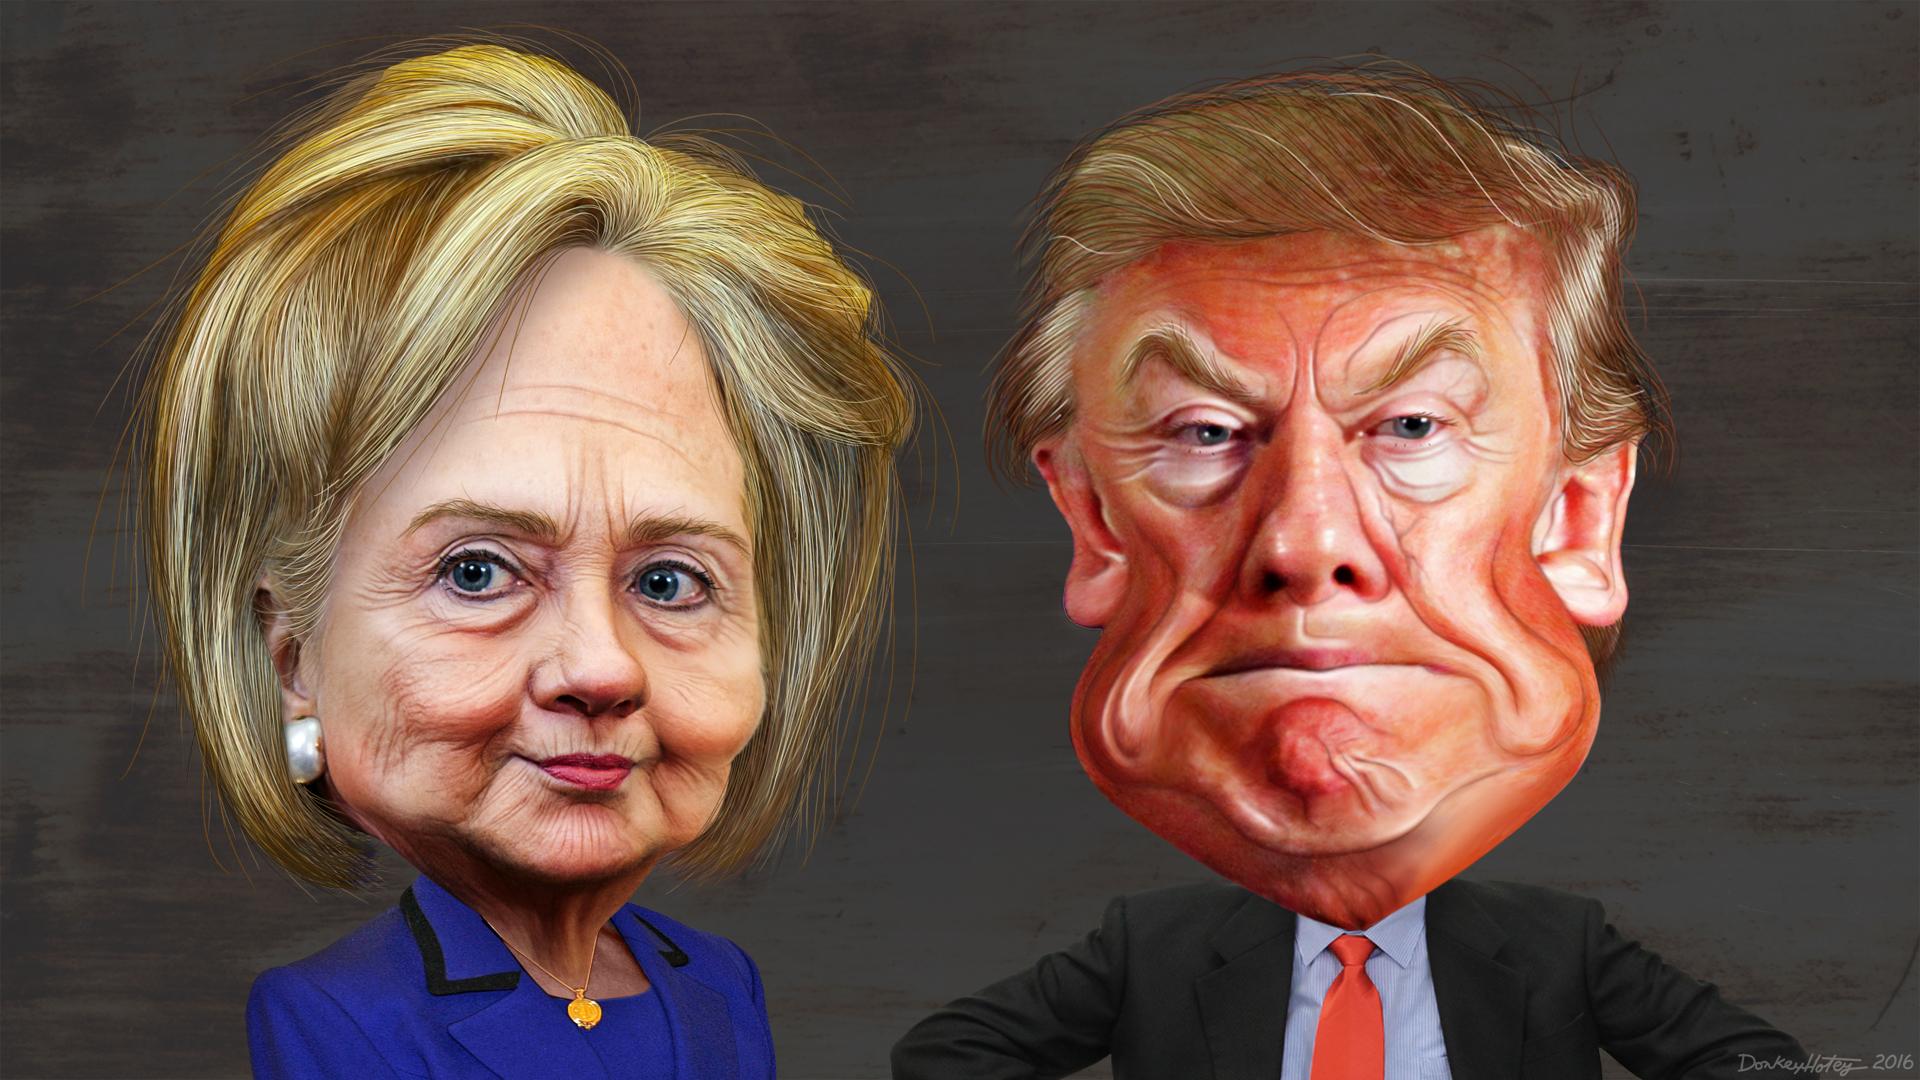 Zur Wahl in den USA, ein Machtwort der Wähler!